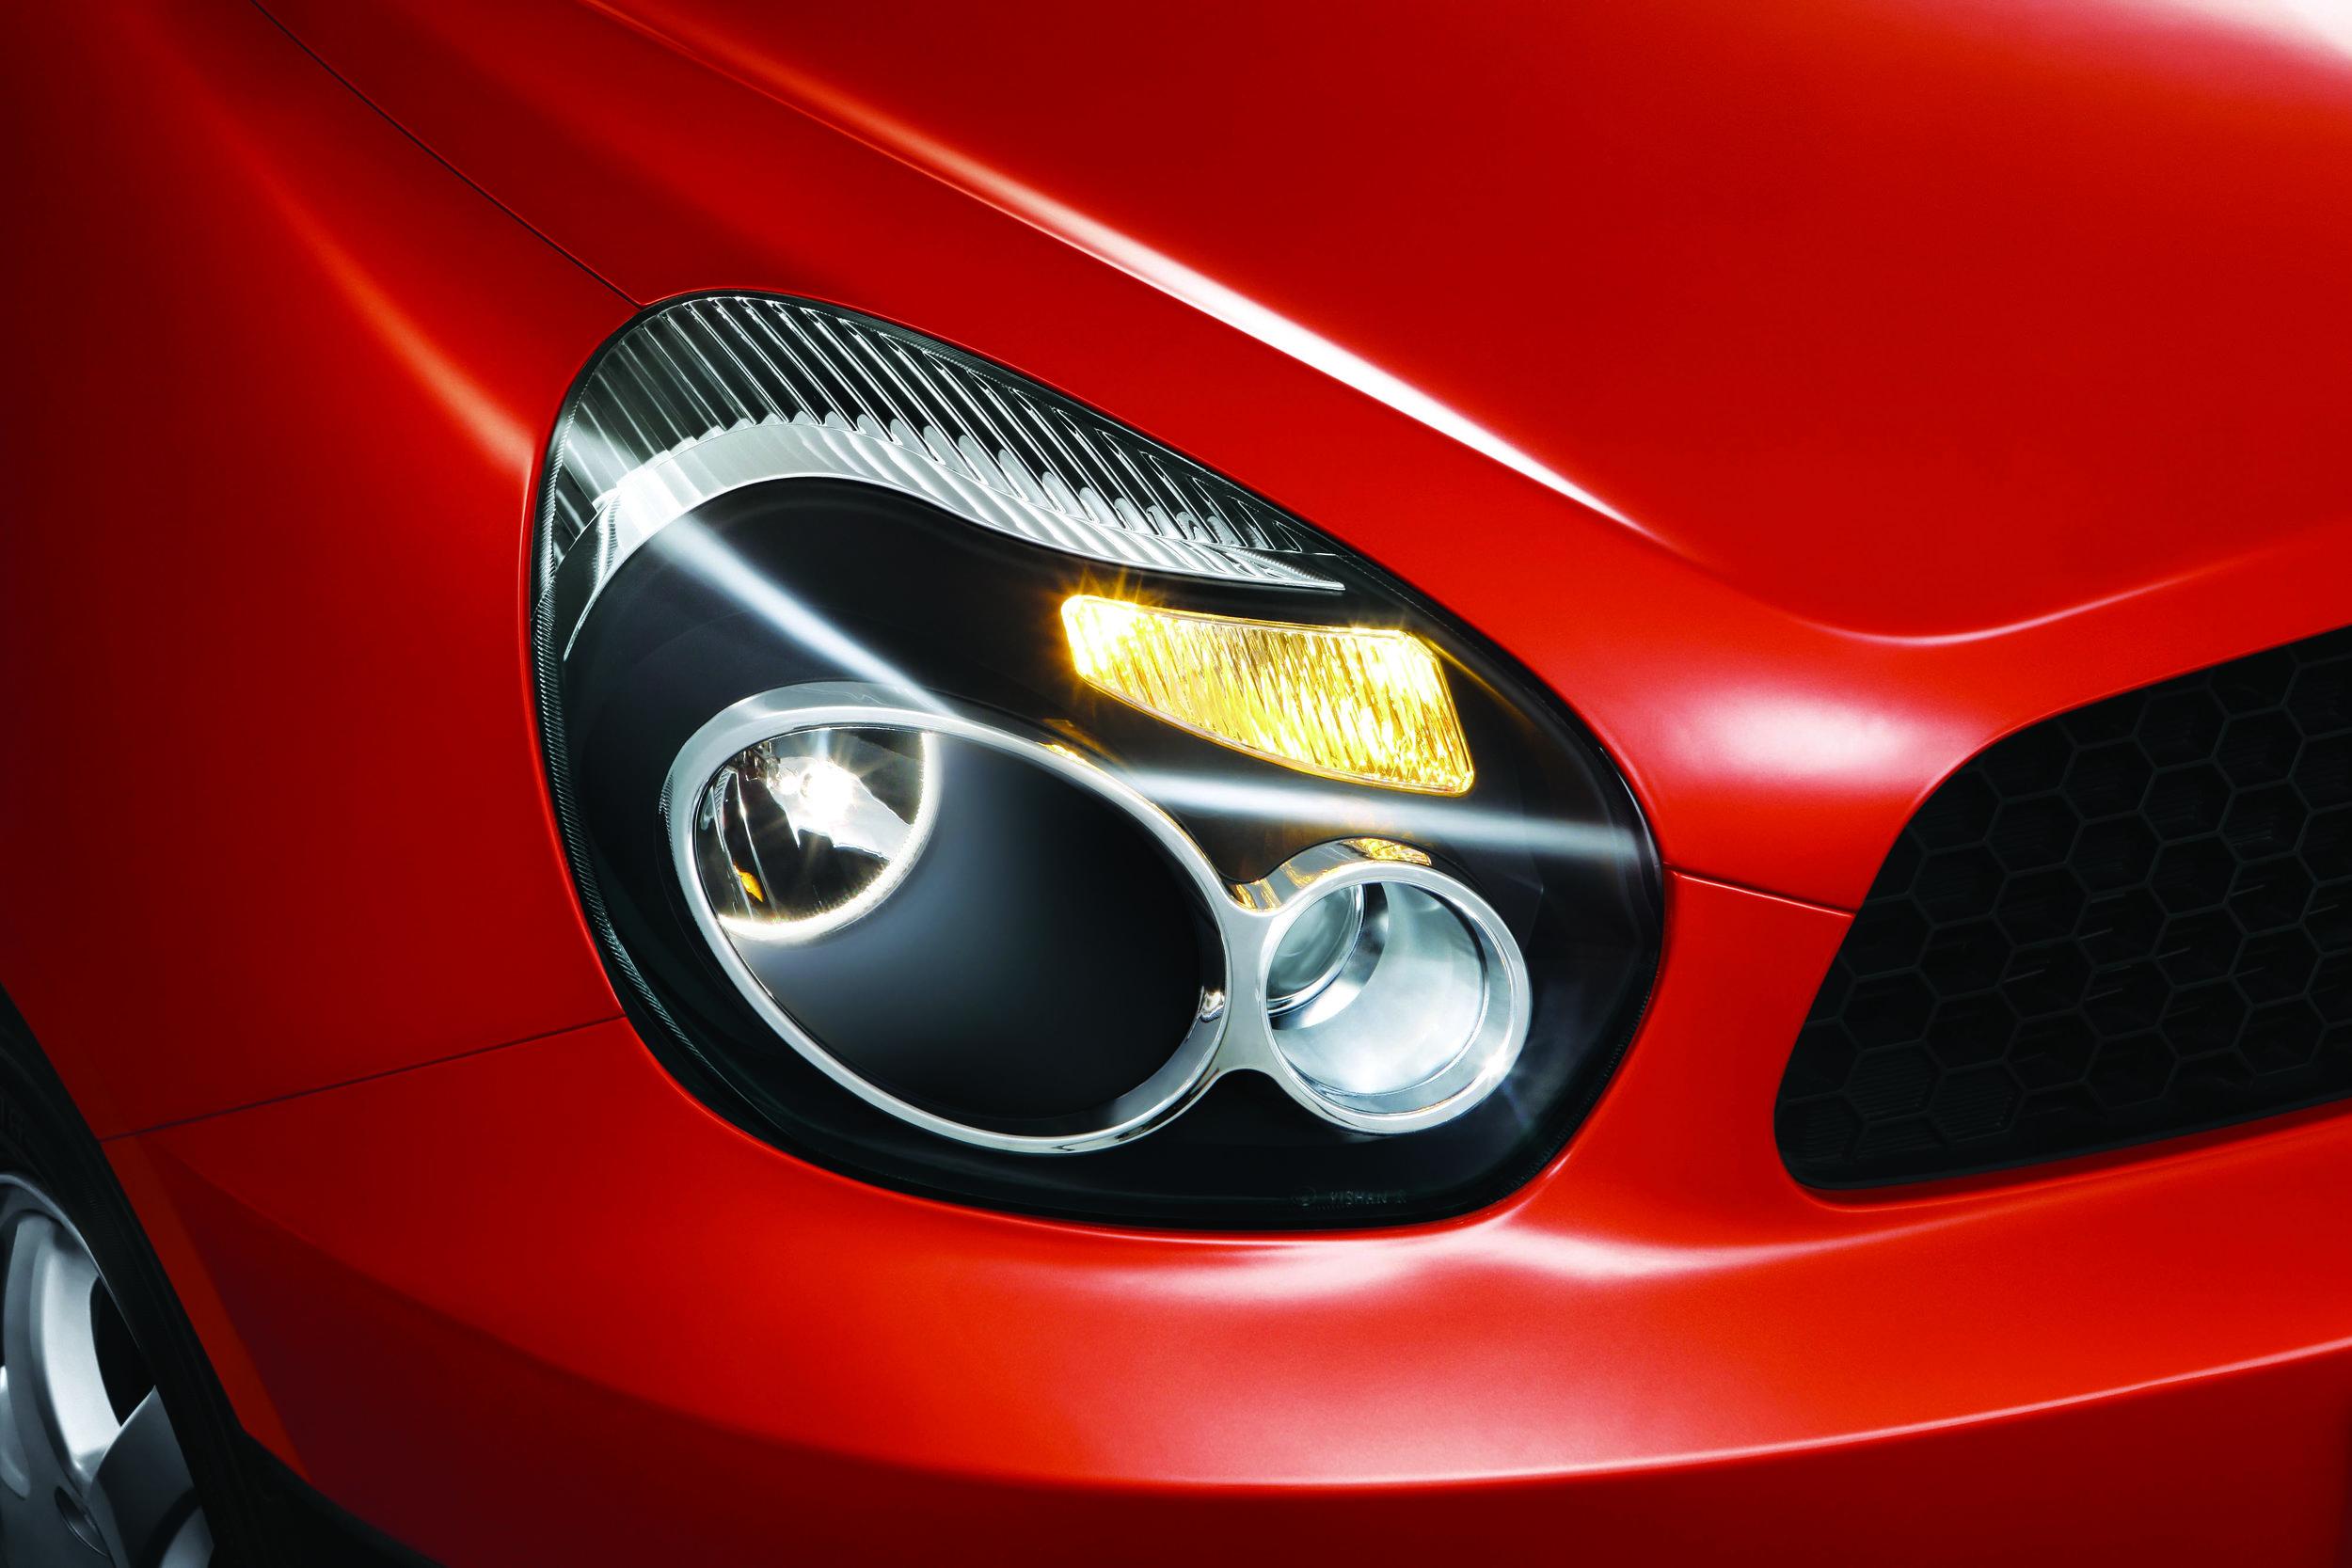 Hi-quality Headlights